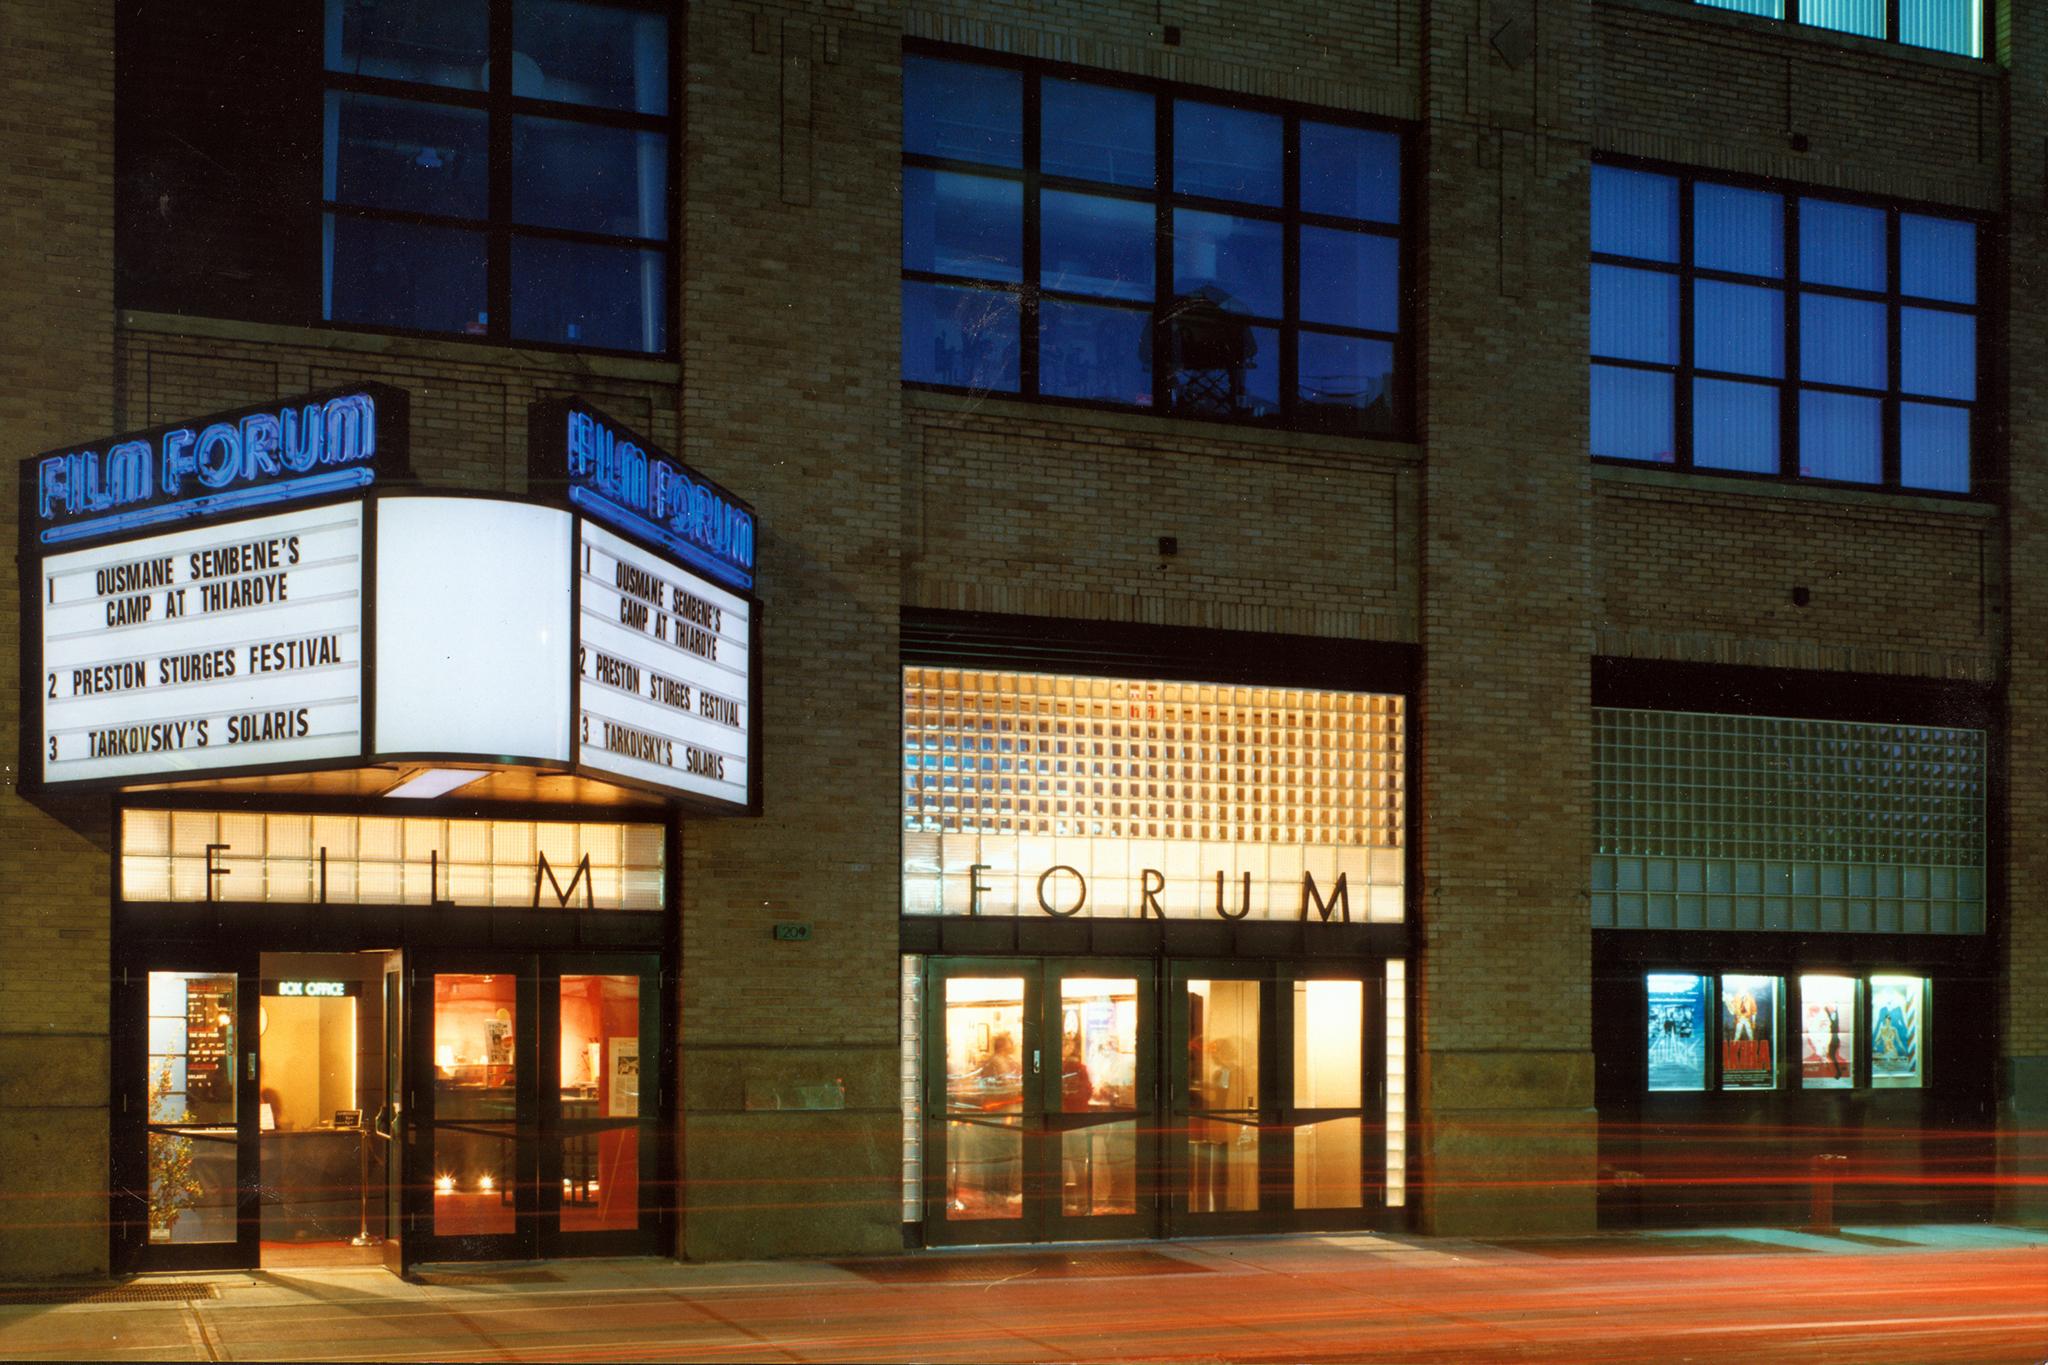 Film Forum marquee